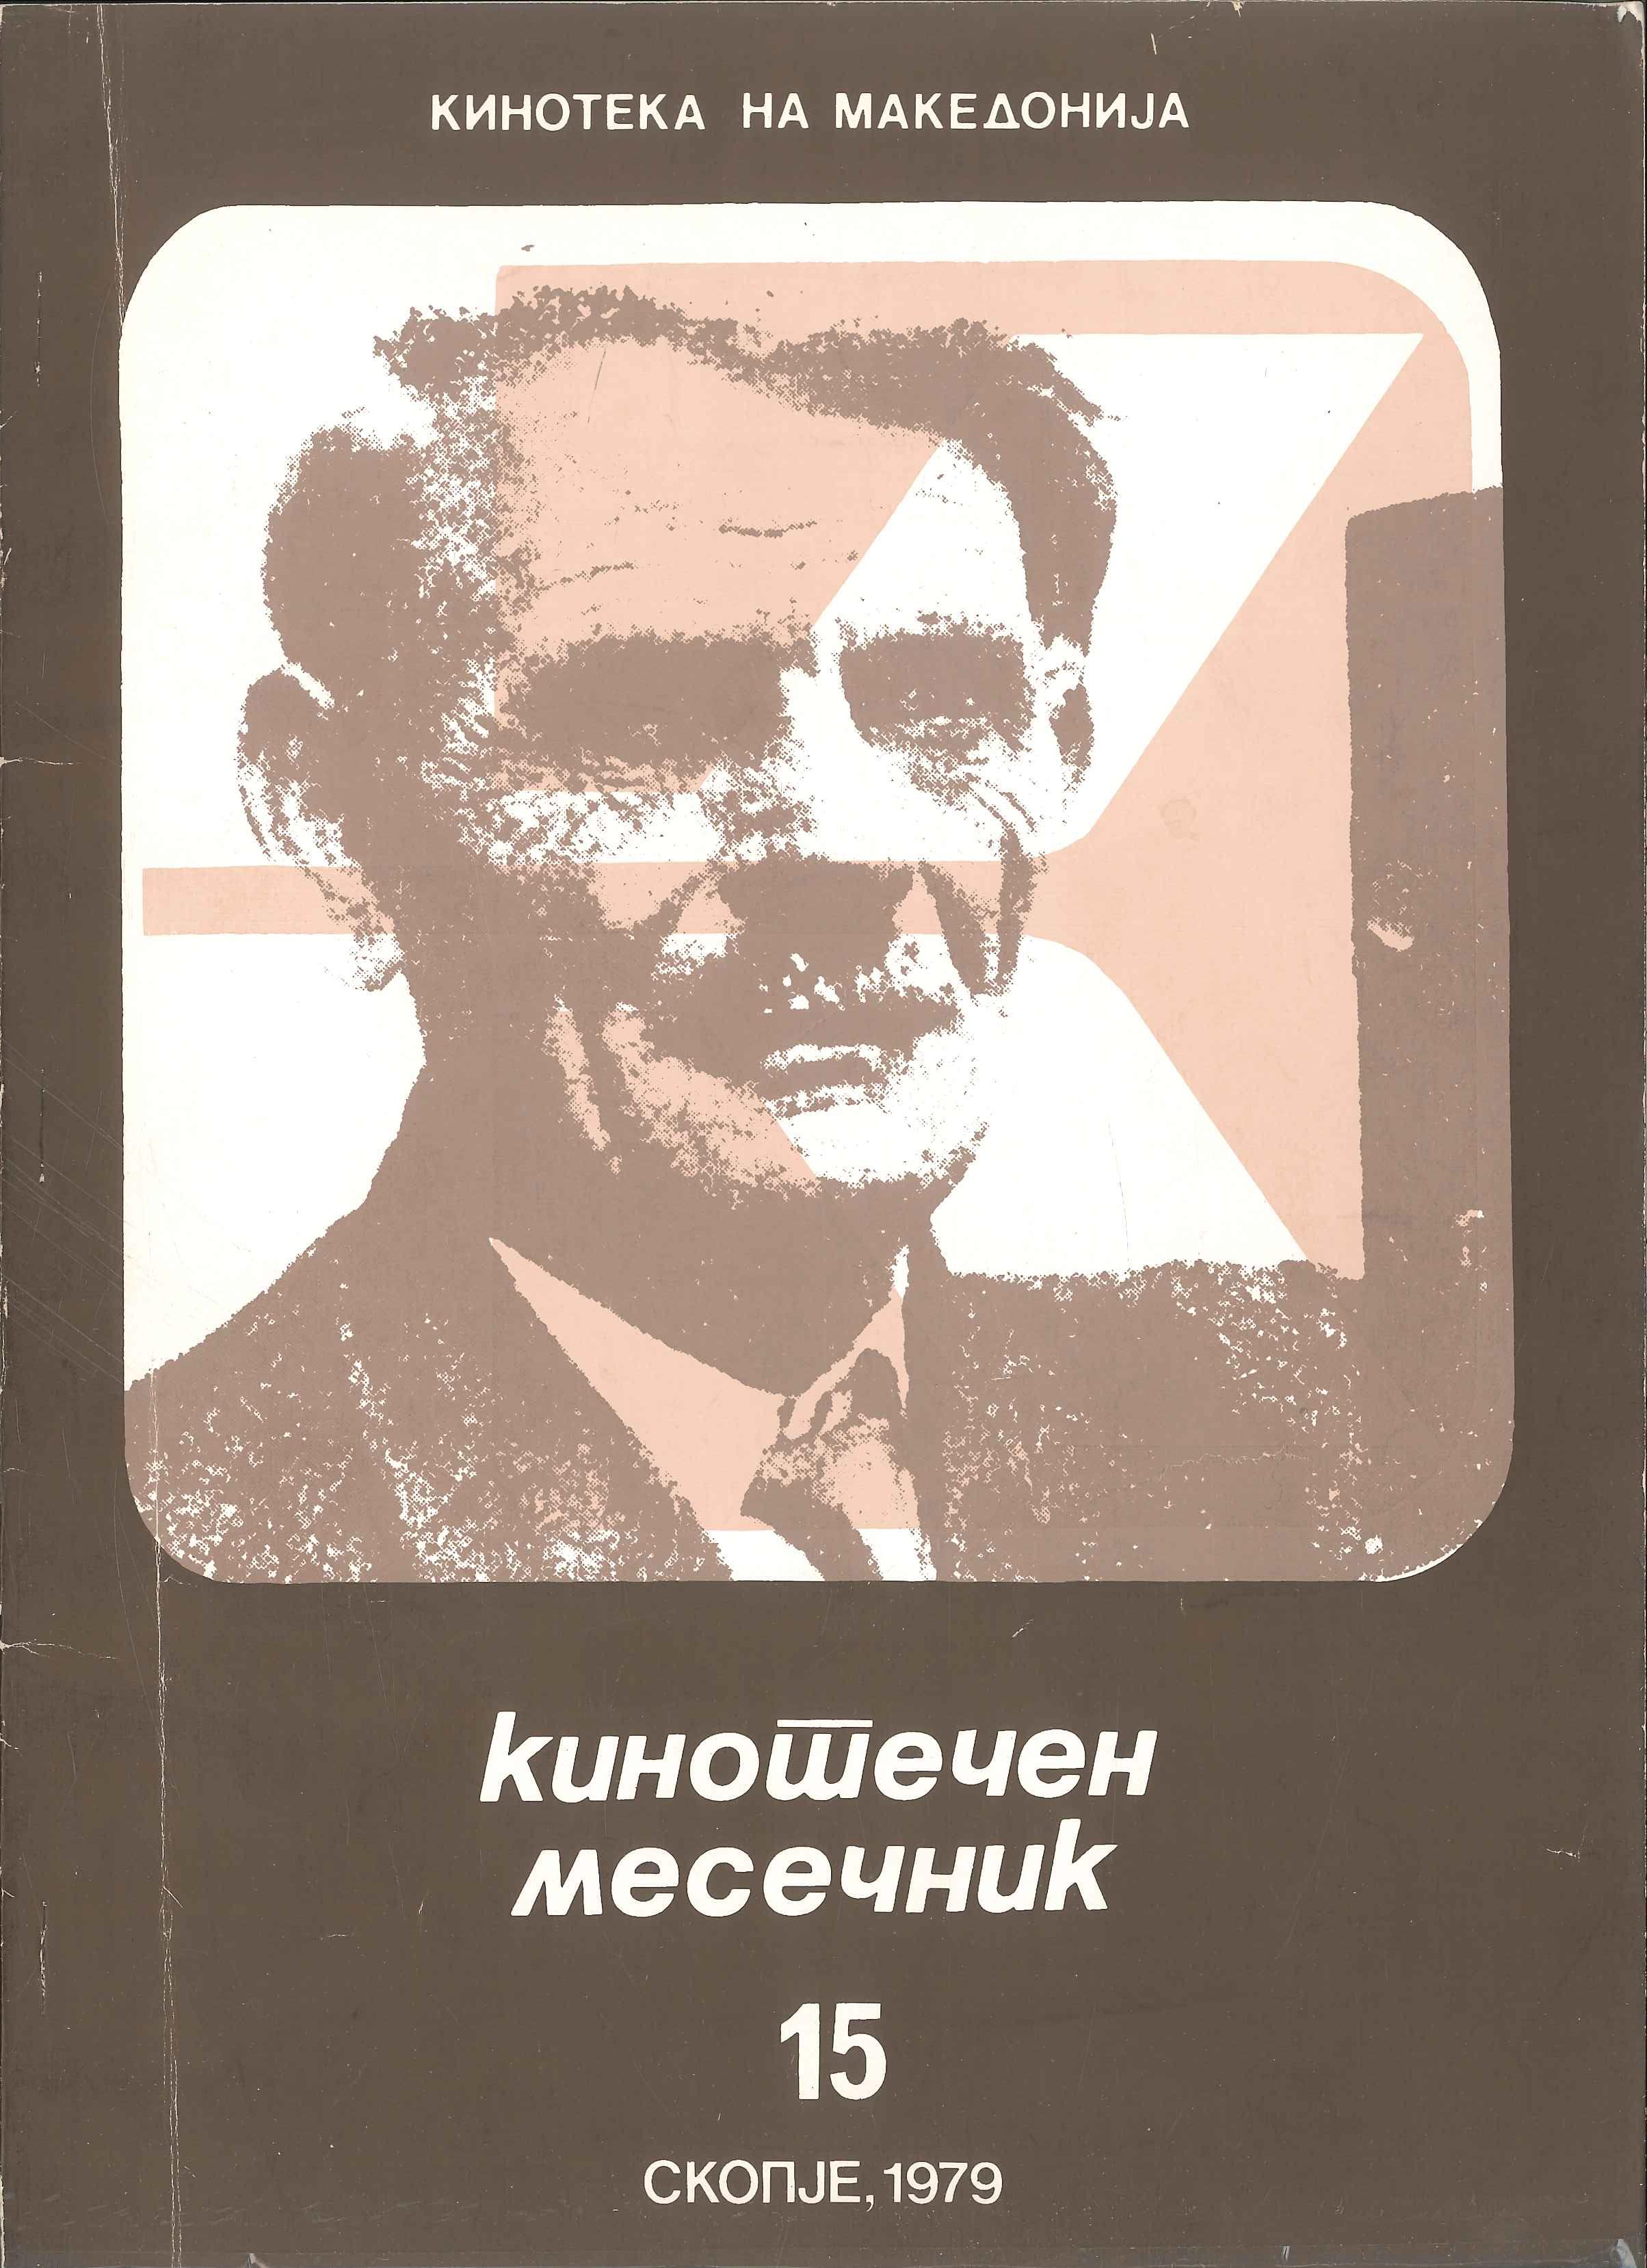 """""""КИНОТЕЧНИ МЕСЕЧНИЦИ"""" (1977-1987): ДИГИТАЛИЗИРАНА ЕДИЦИЈА НА МАКЕДОНСКИТЕ """"ФИЛМСКИ ТЕТРАТКИ"""""""